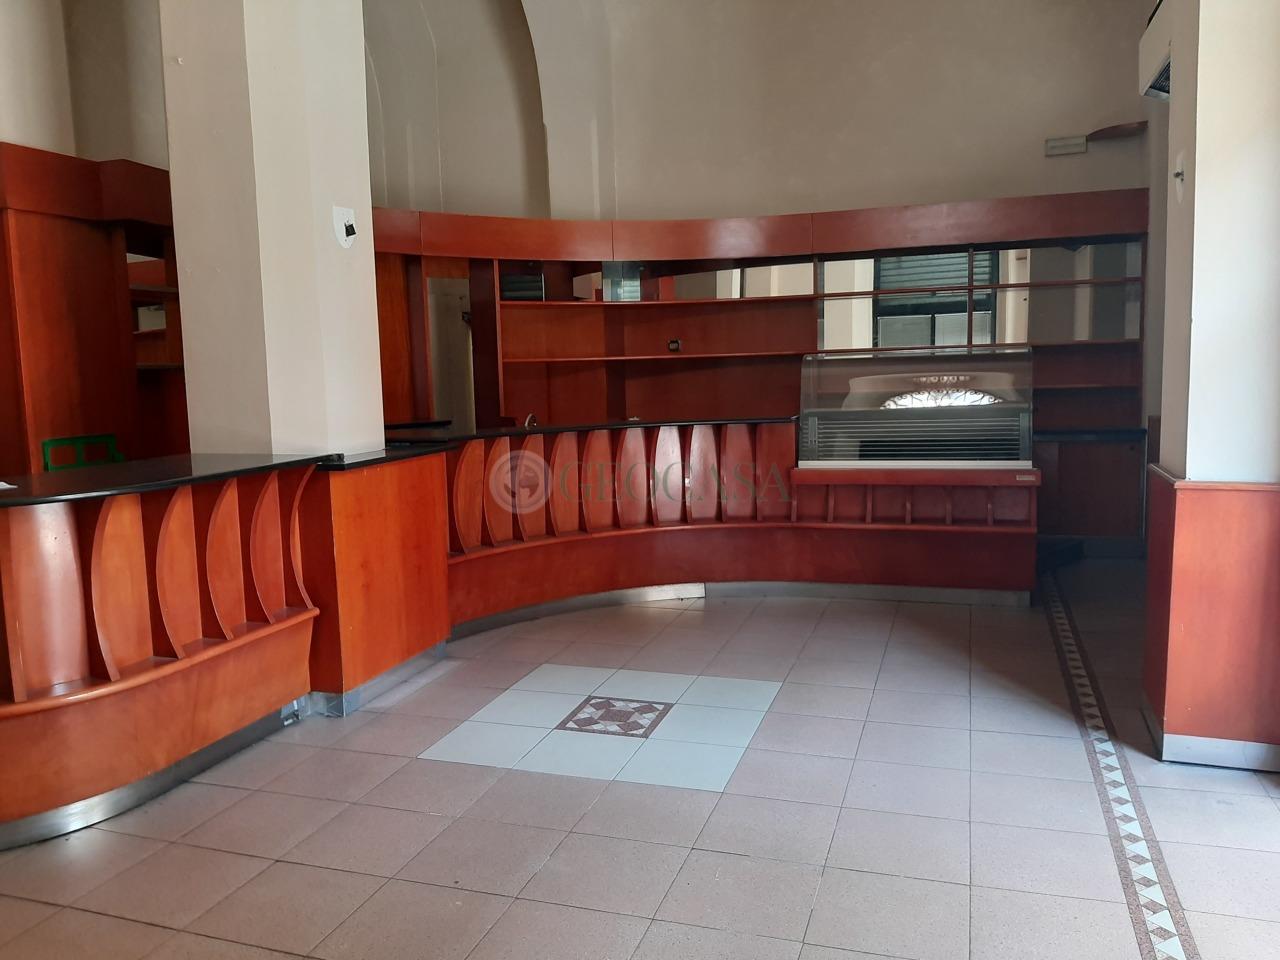 Negozio / Locale in vendita a La Spezia, 2 locali, prezzo € 135.000 | PortaleAgenzieImmobiliari.it